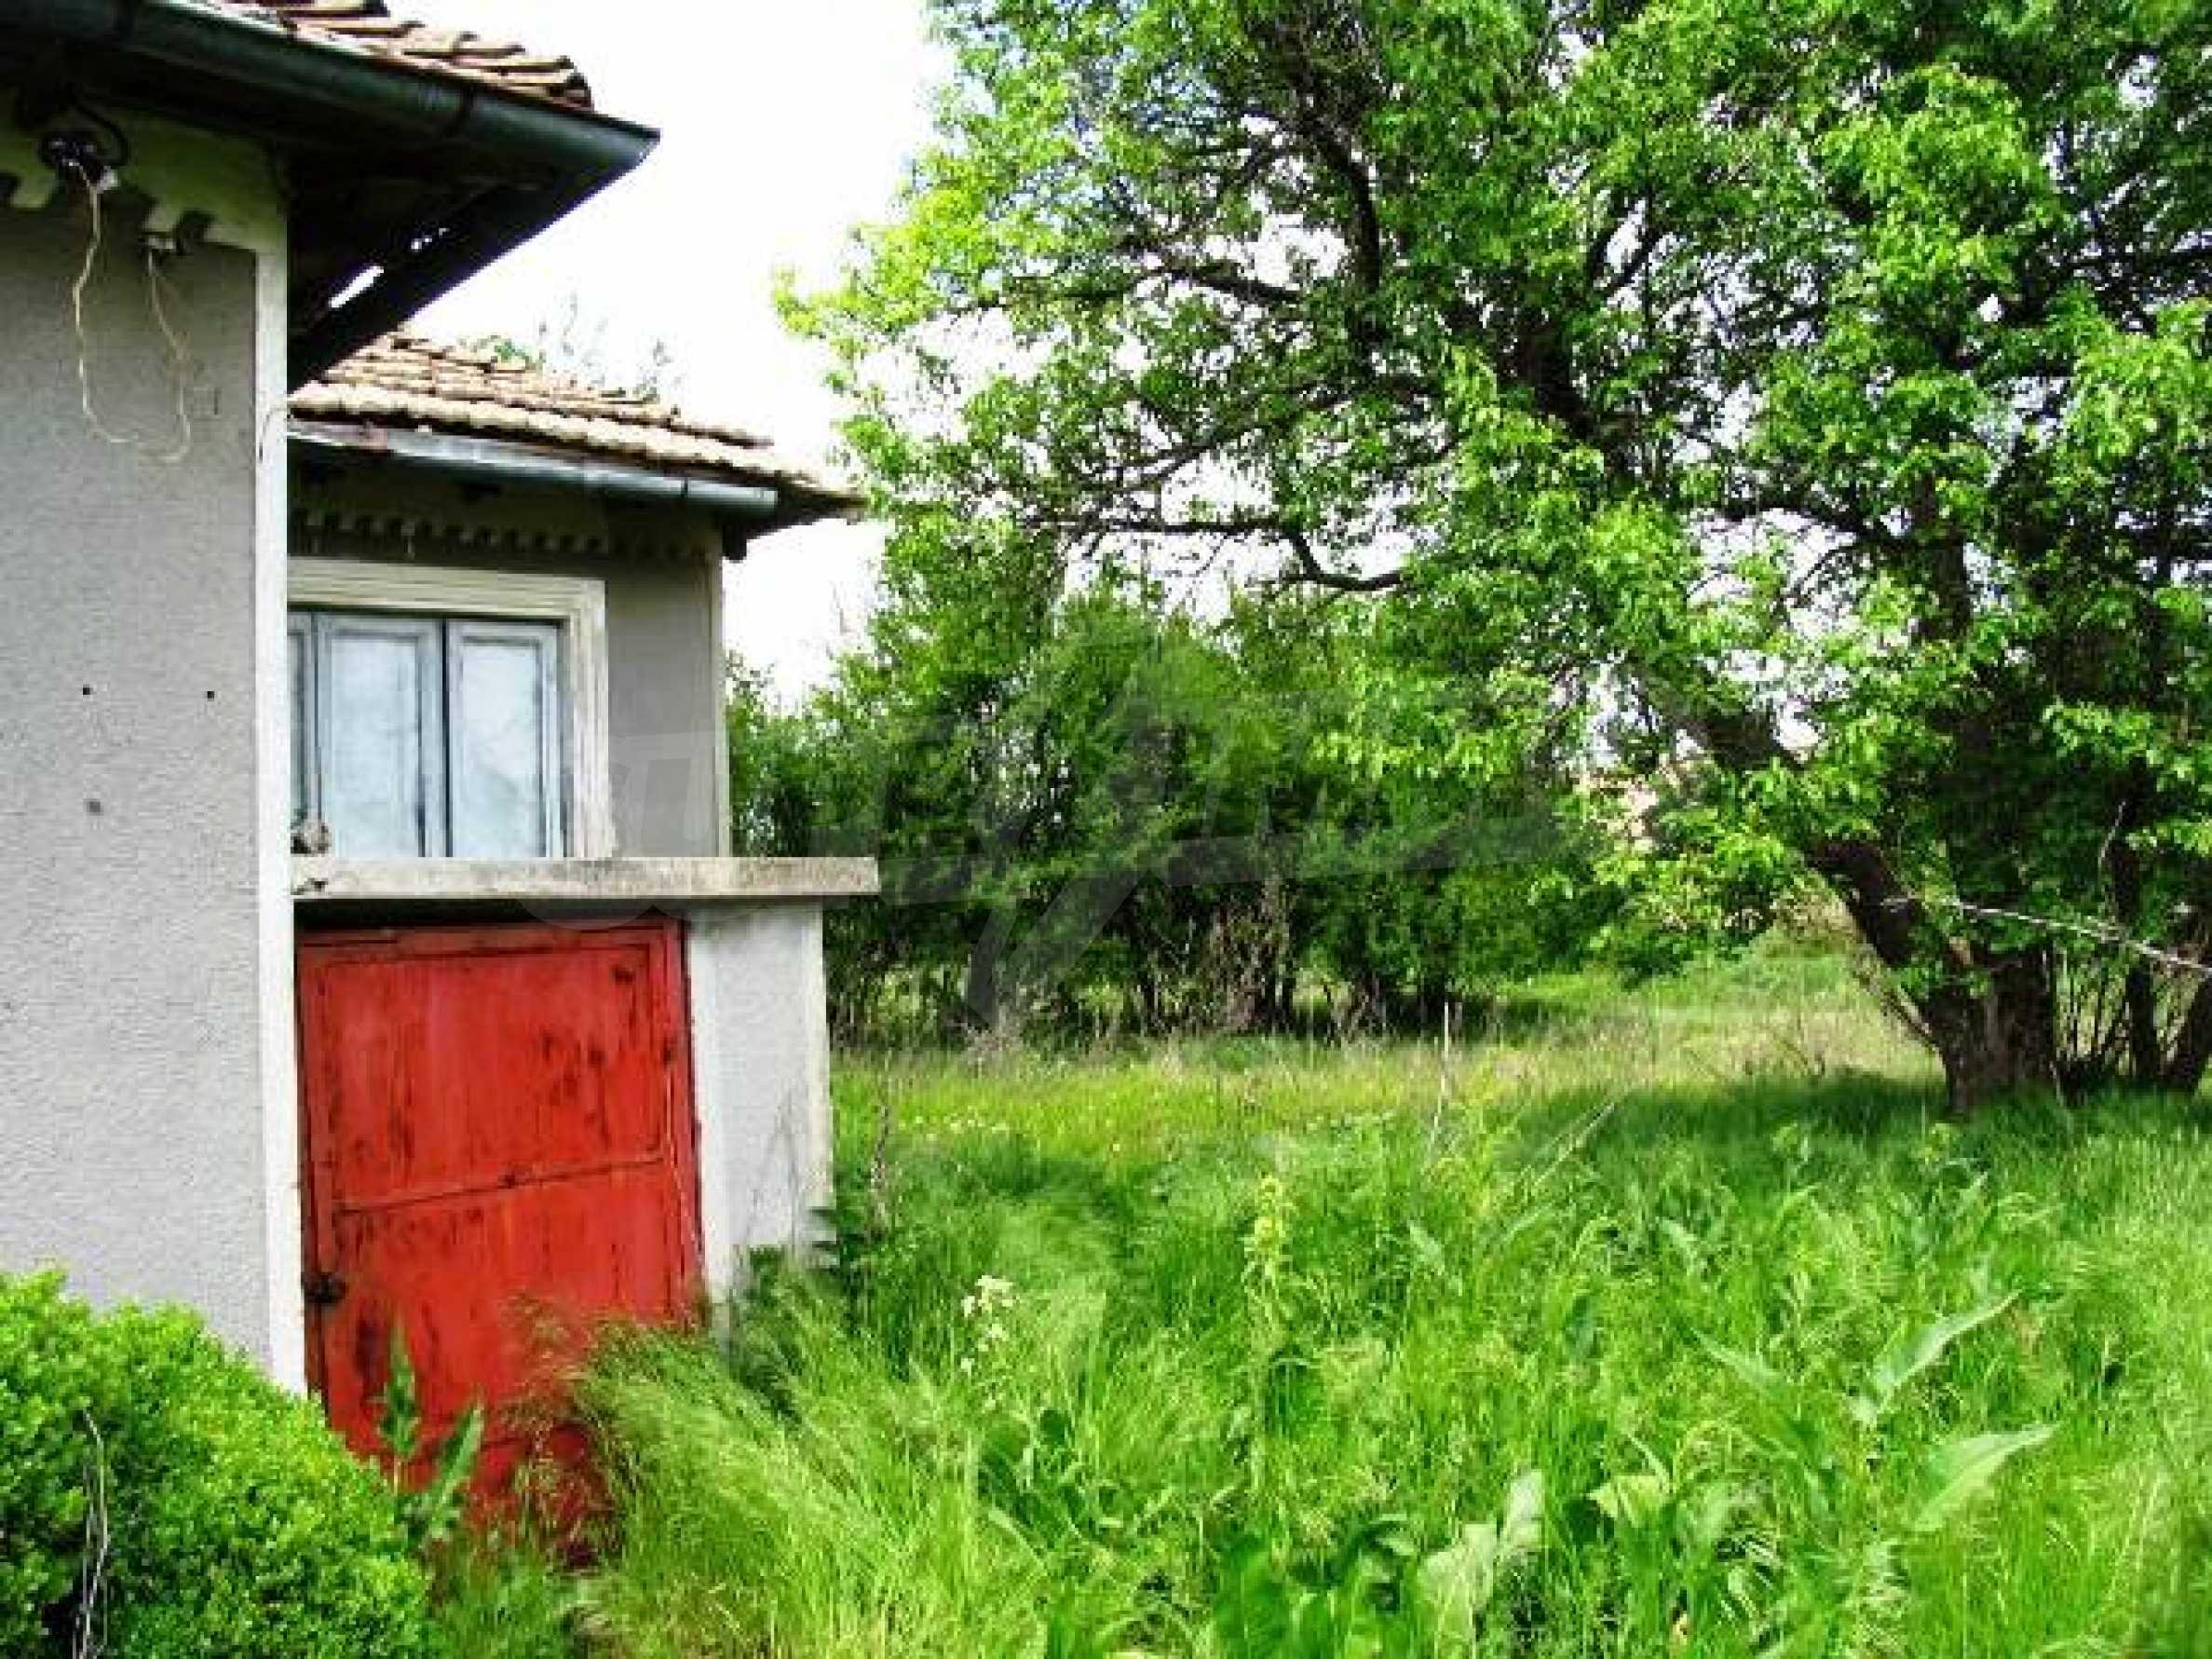 House for sale in Zementsi village near by Romanian border 3